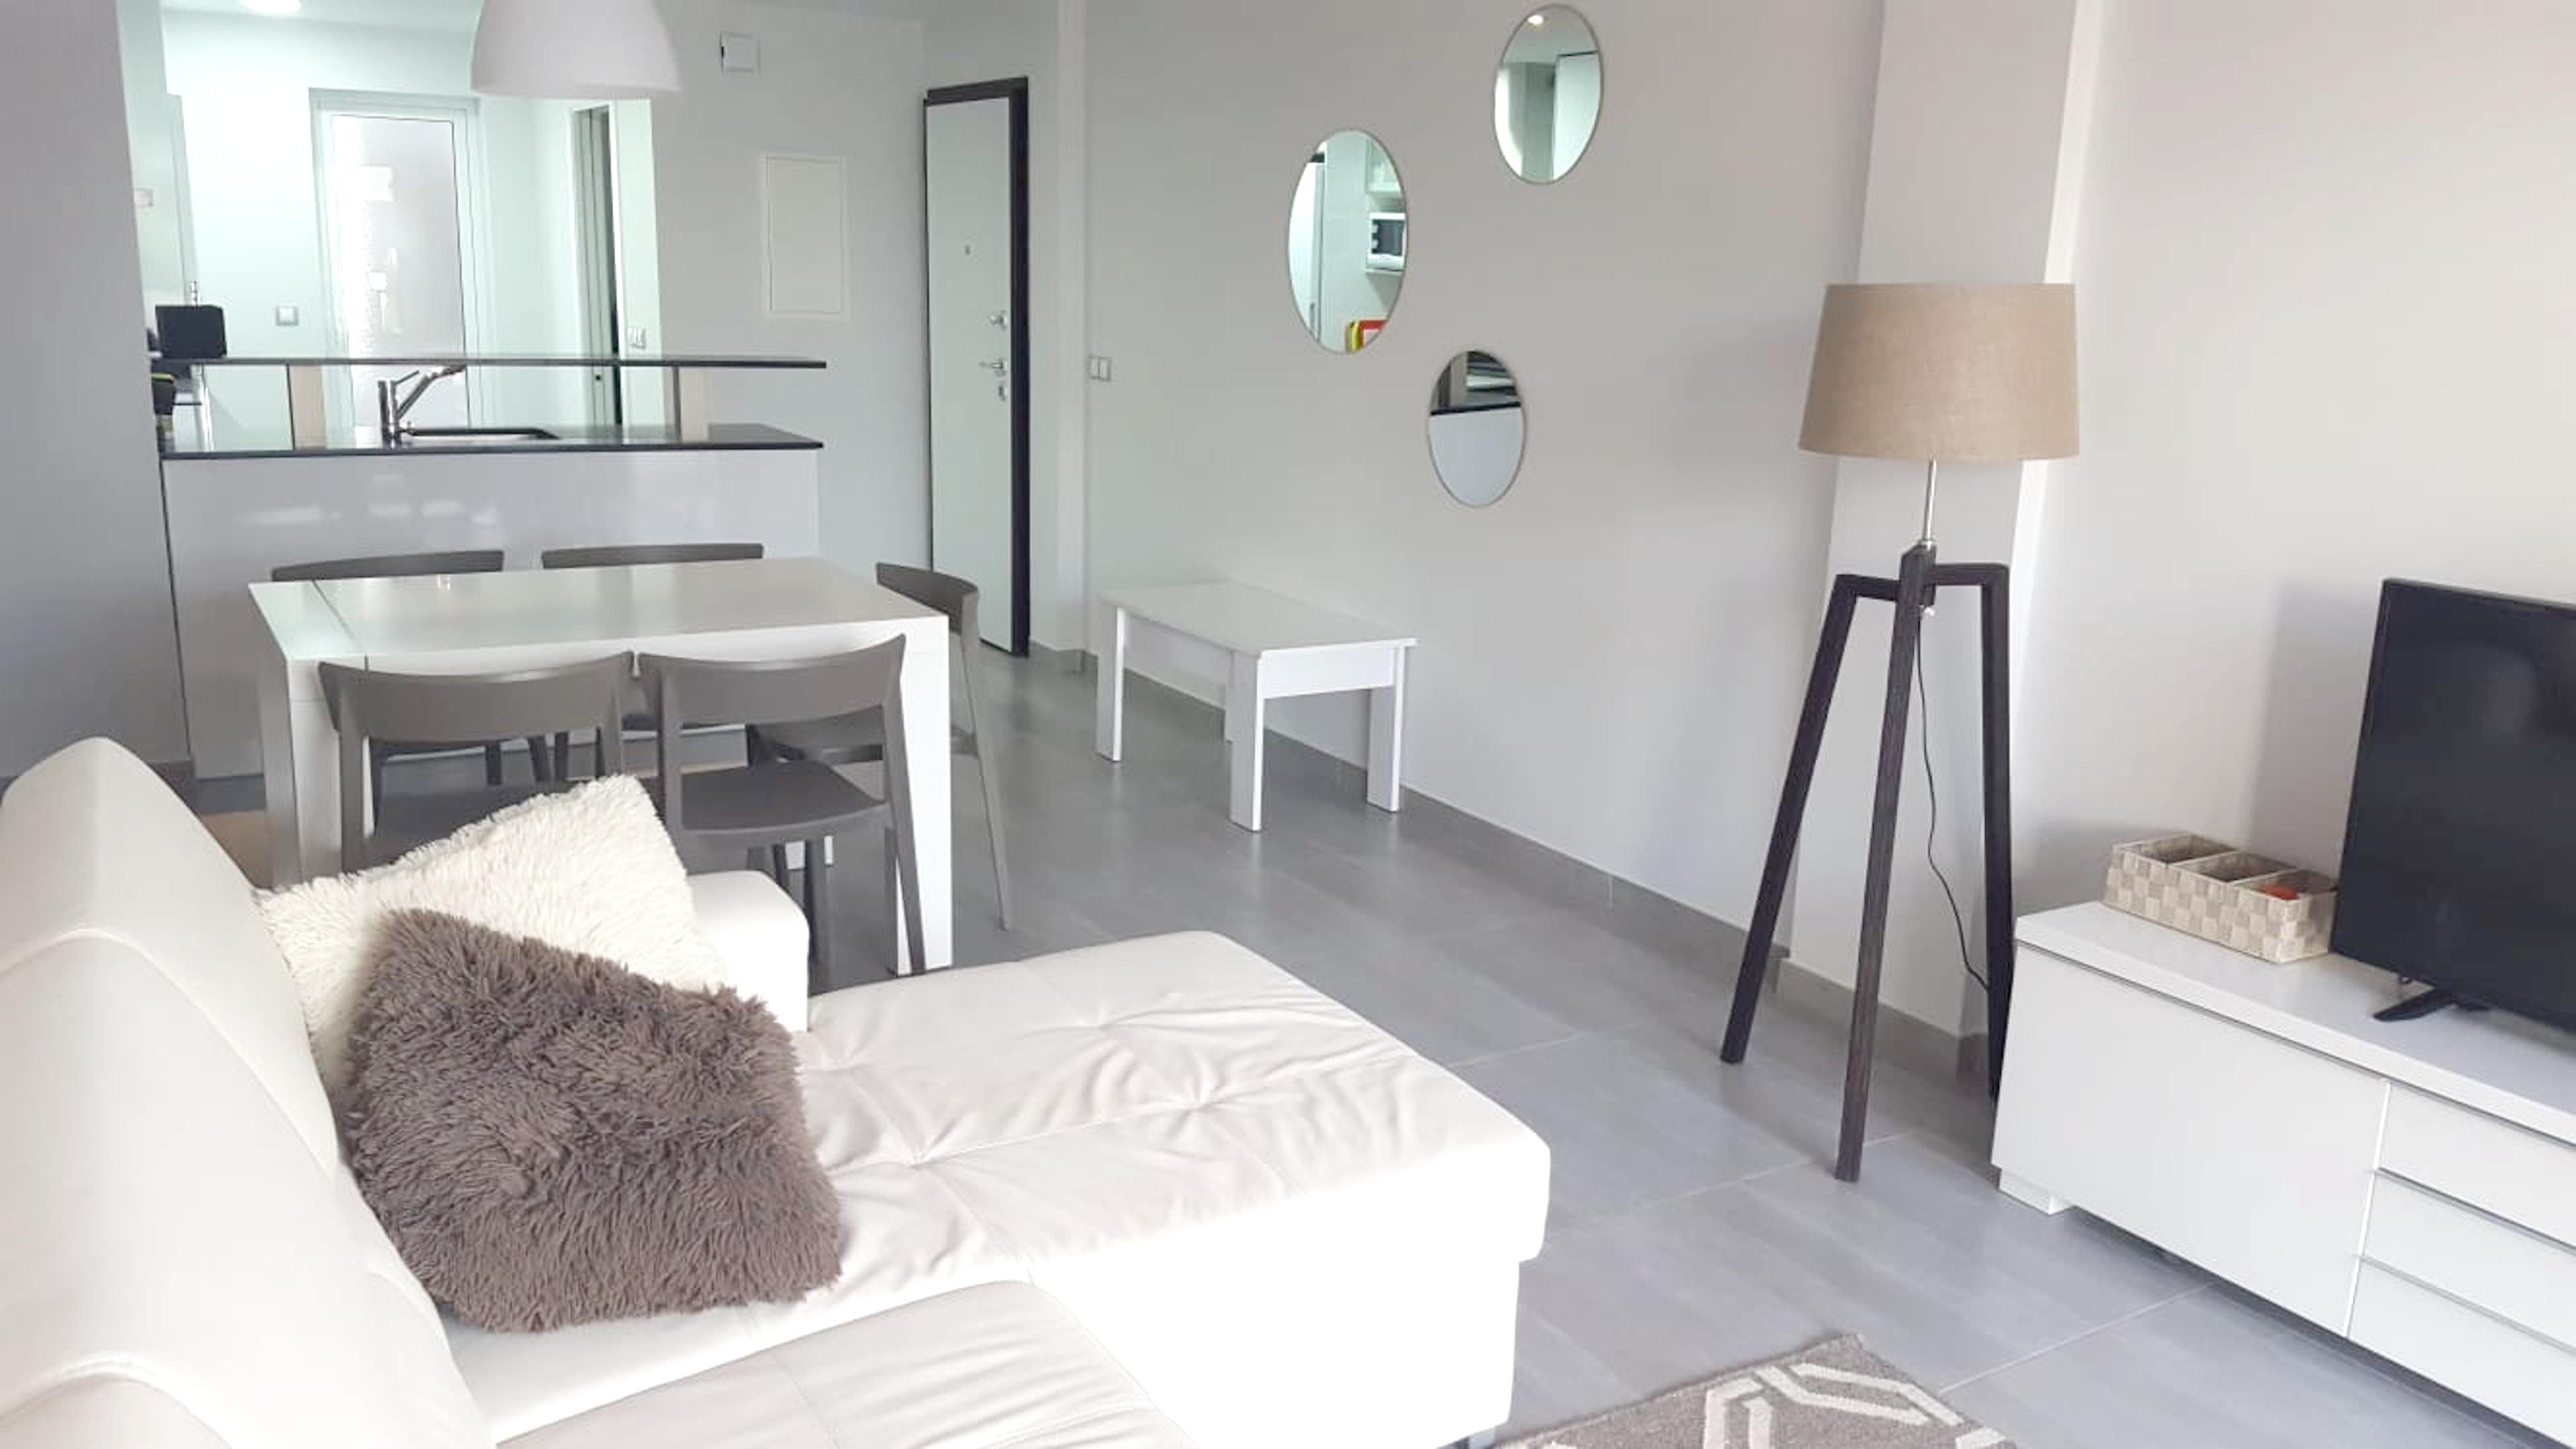 Ferienwohnung Wohnung mit 2 Schlafzimmern in San Juan de los Terreros mit herrlichem Meerblick, Pool, ei (2372661), San Juan de los Terreros, Costa de Almeria, Andalusien, Spanien, Bild 6